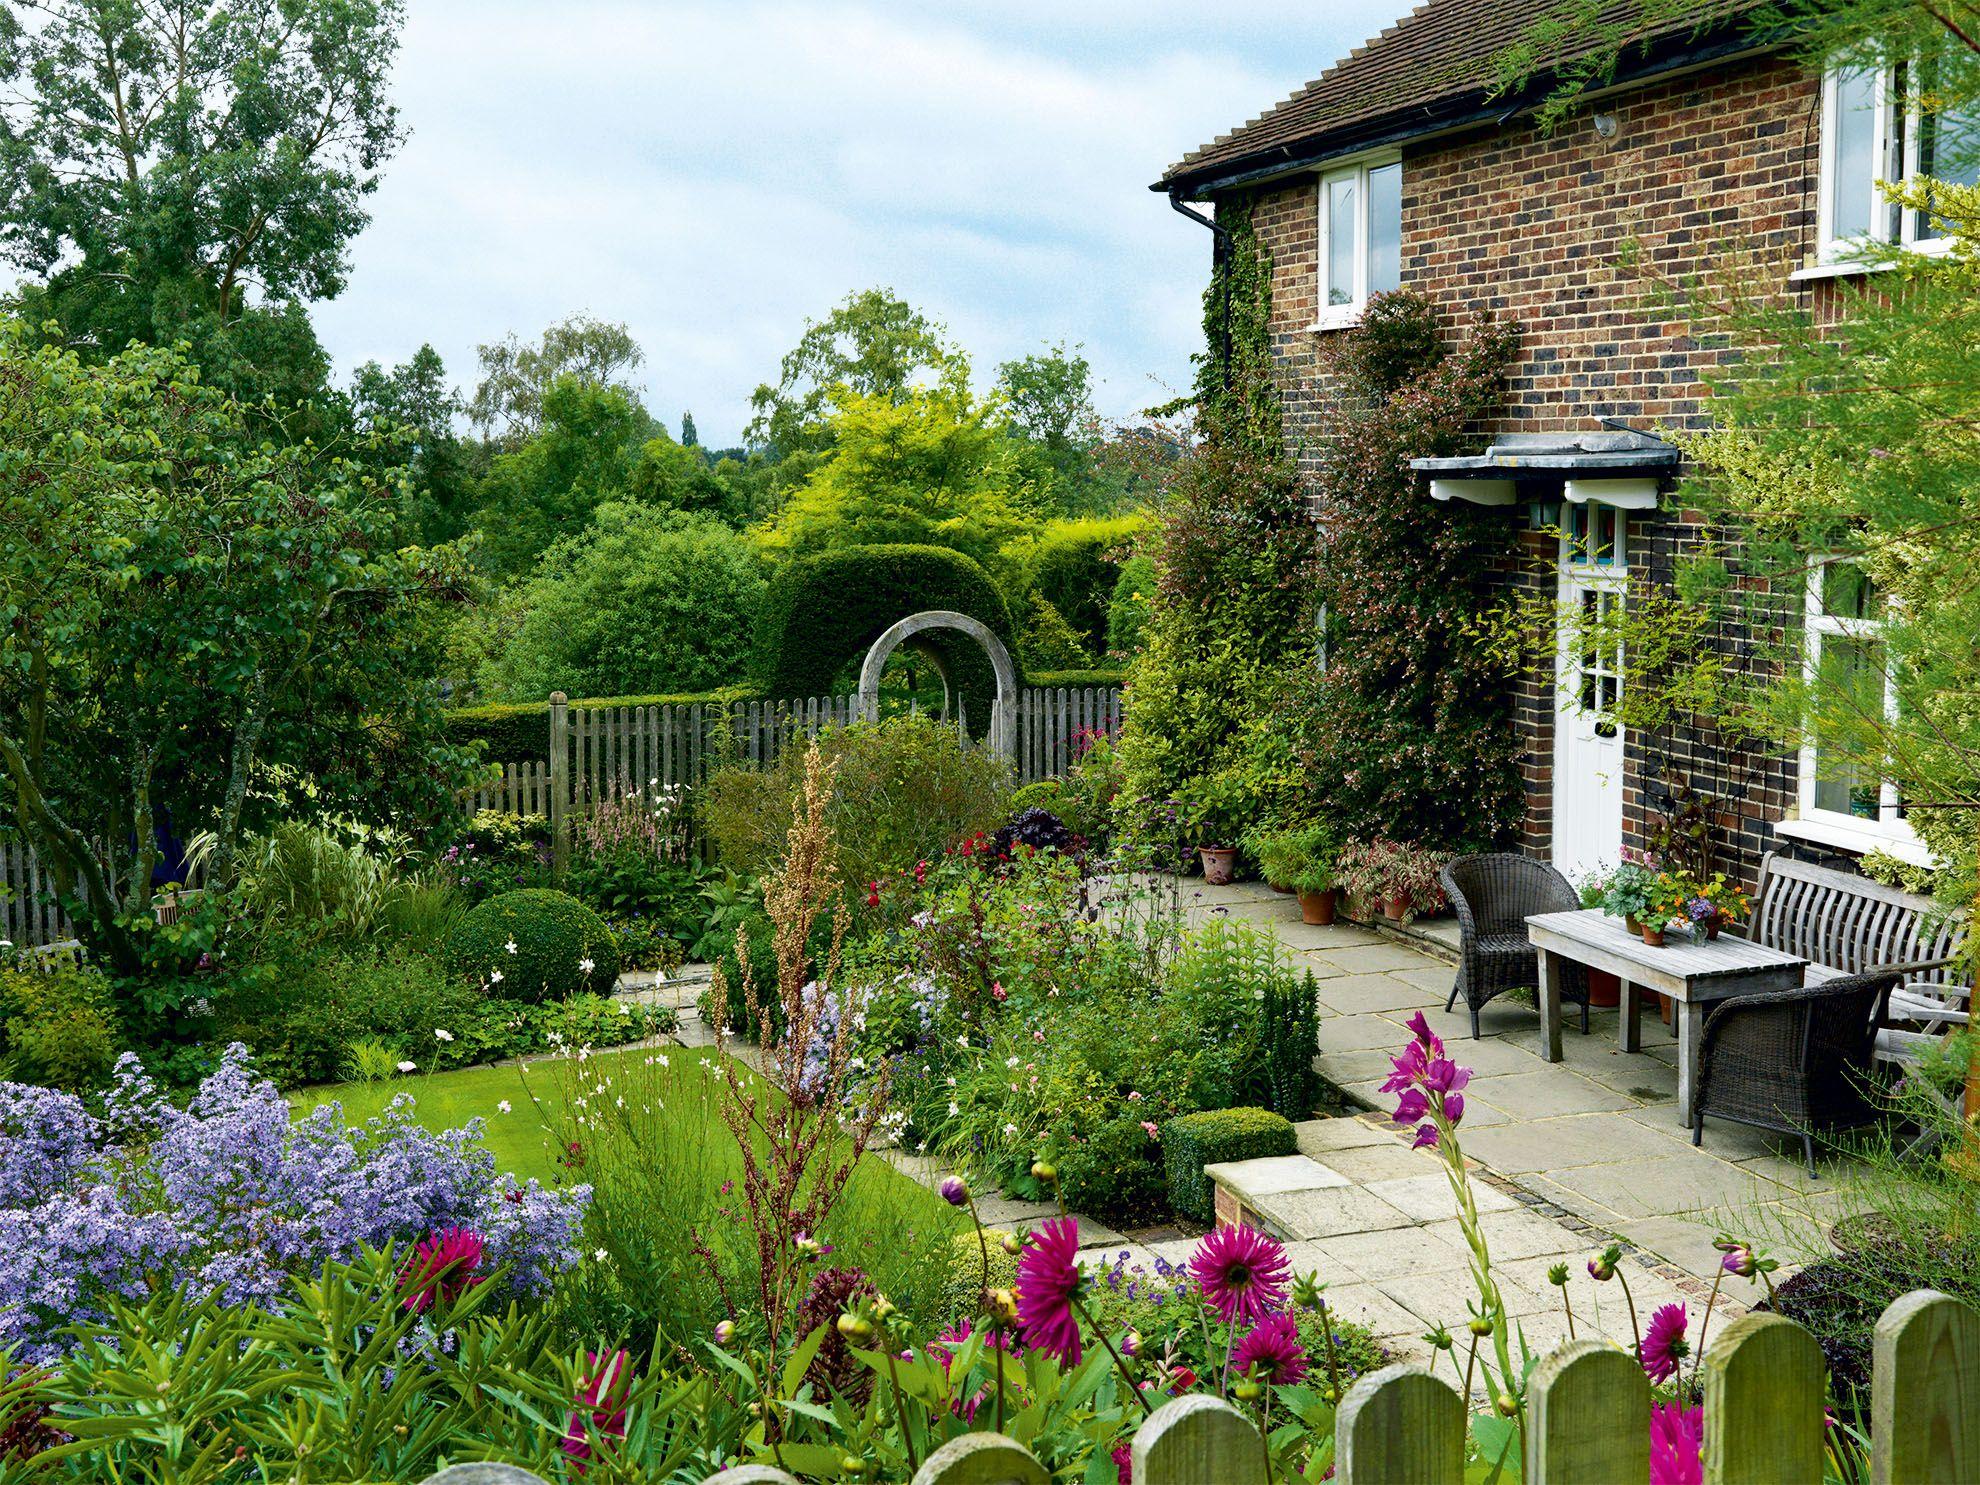 Groovy A Surrey Cottage Garden With Varied Colour Schemes Download Free Architecture Designs Scobabritishbridgeorg